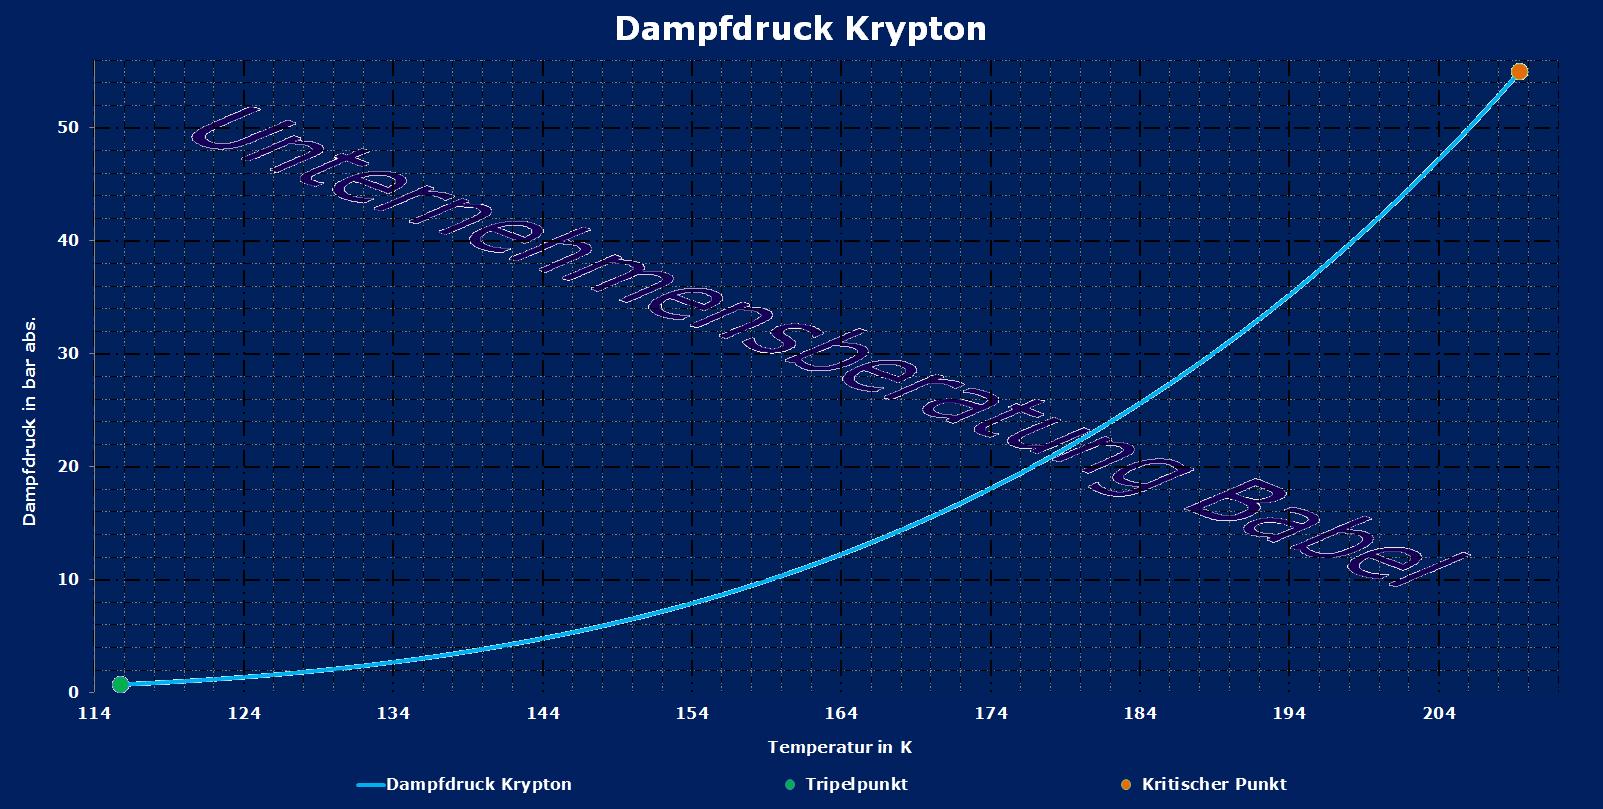 krypton dampfdruckverlauf gem dampfdruckgleichung. Black Bedroom Furniture Sets. Home Design Ideas